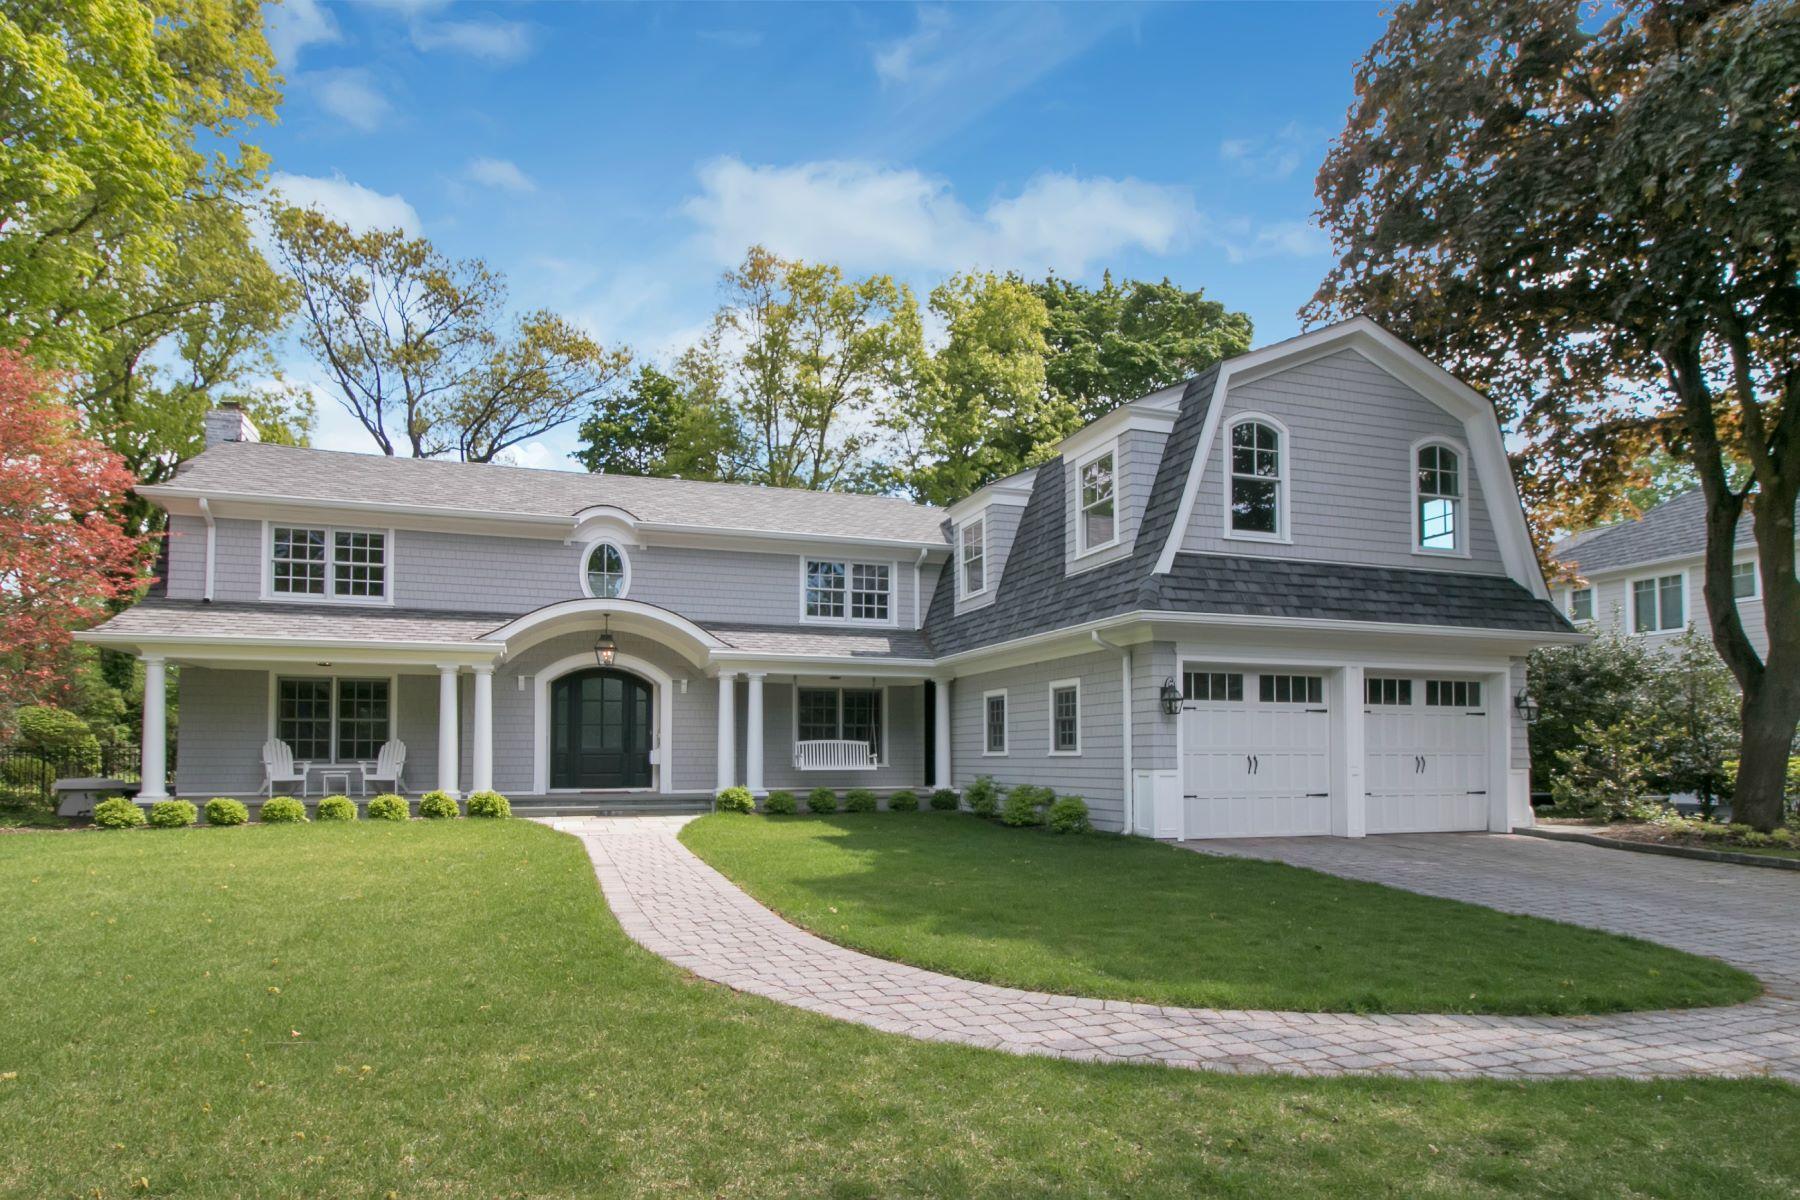 Maison unifamiliale pour l Vente à Spectacular Demarest Colonial! 92 Everett Road Demarest, New Jersey, 07627 États-Unis